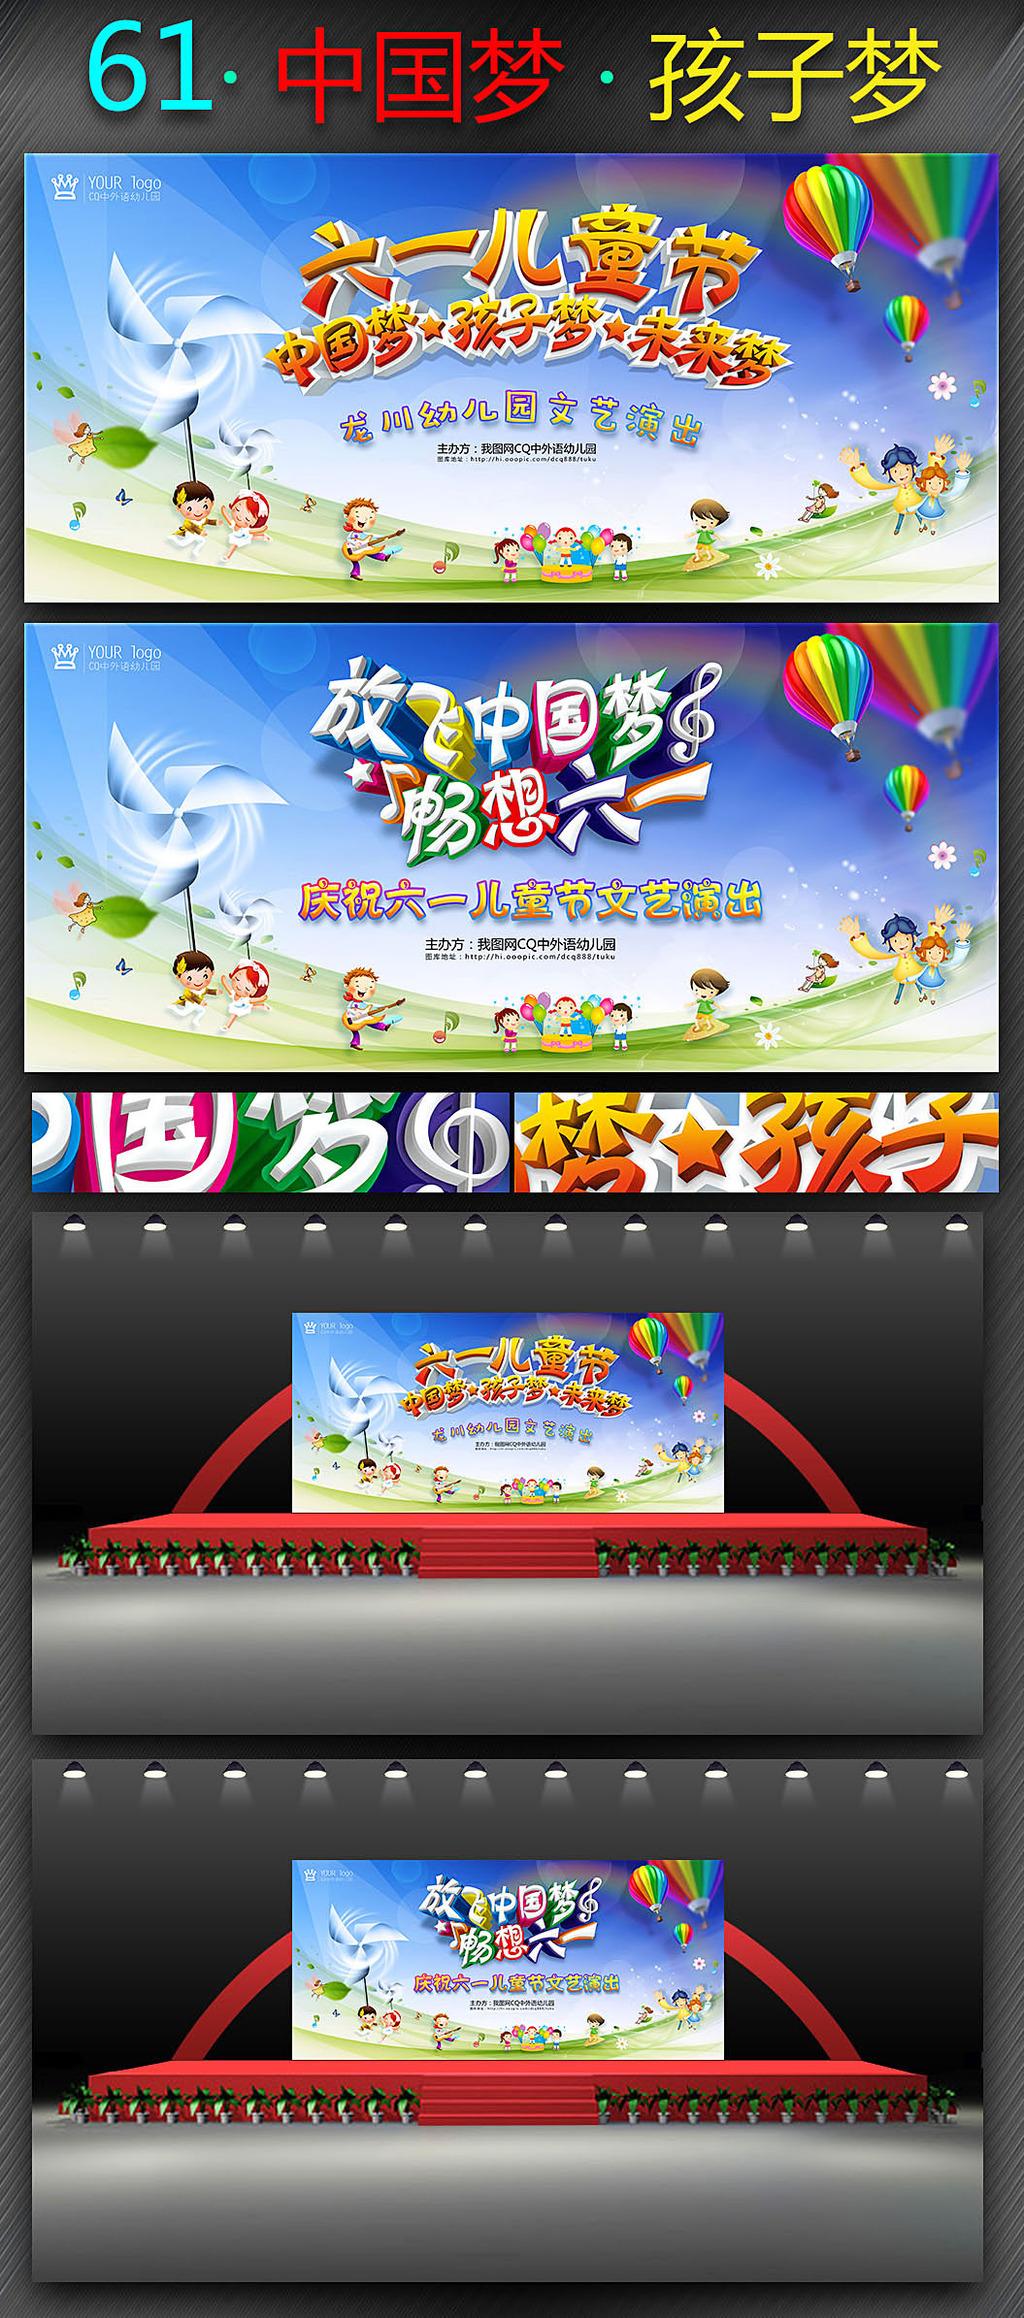 六一儿童节中国梦孩子梦未来梦演出背景设计